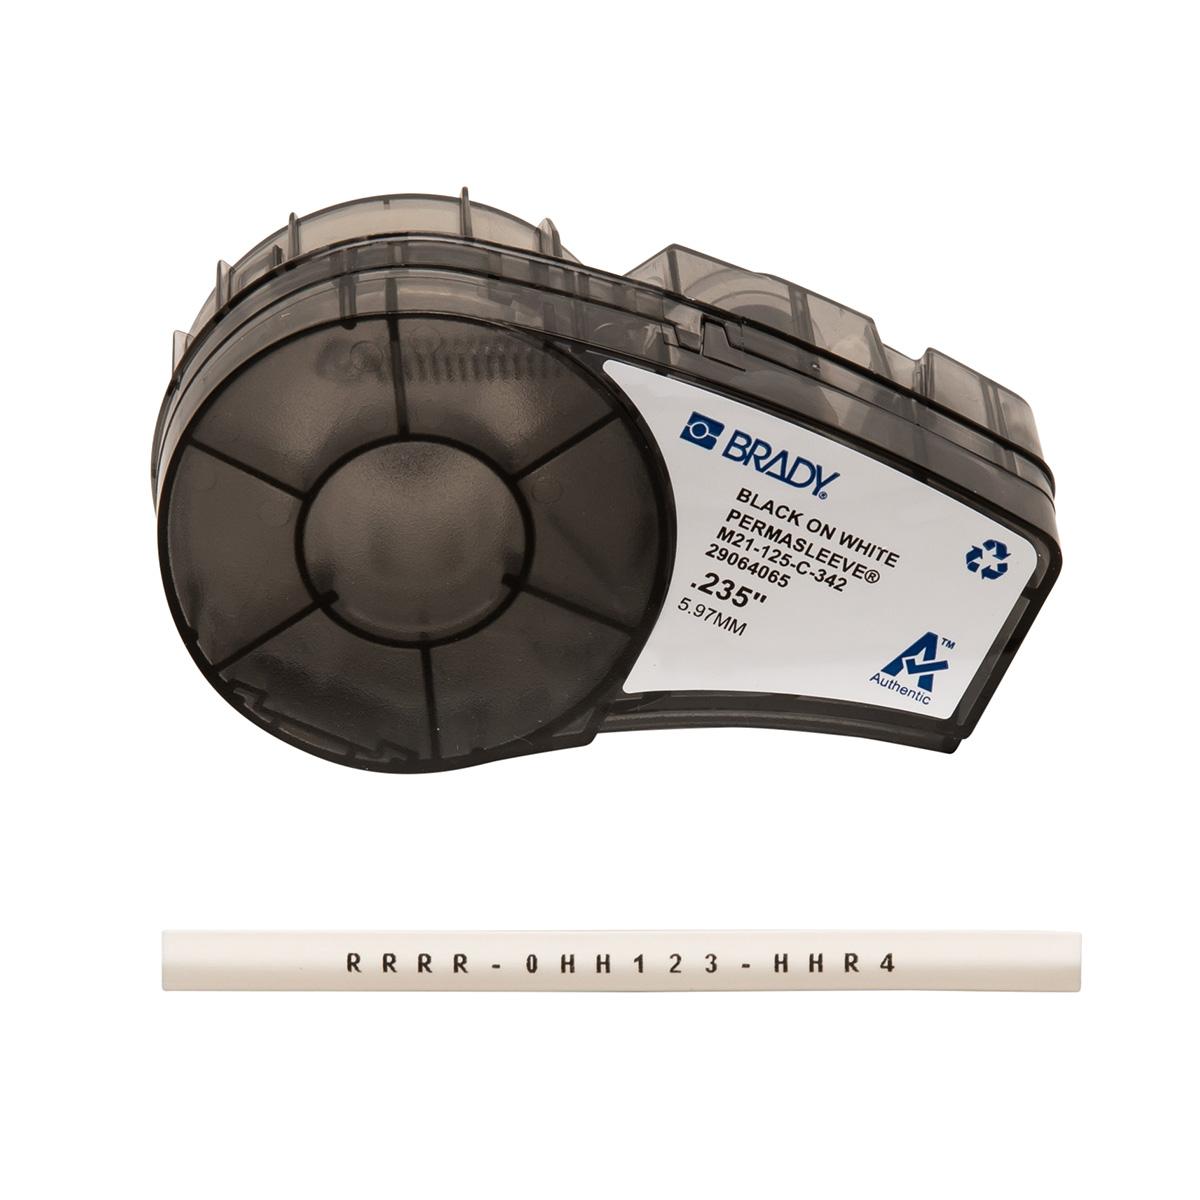 BRAM21125C342 0.125 IN DIA X 7 FT (3.18 MM X 2.13 M), BRADY M21-125-C-342